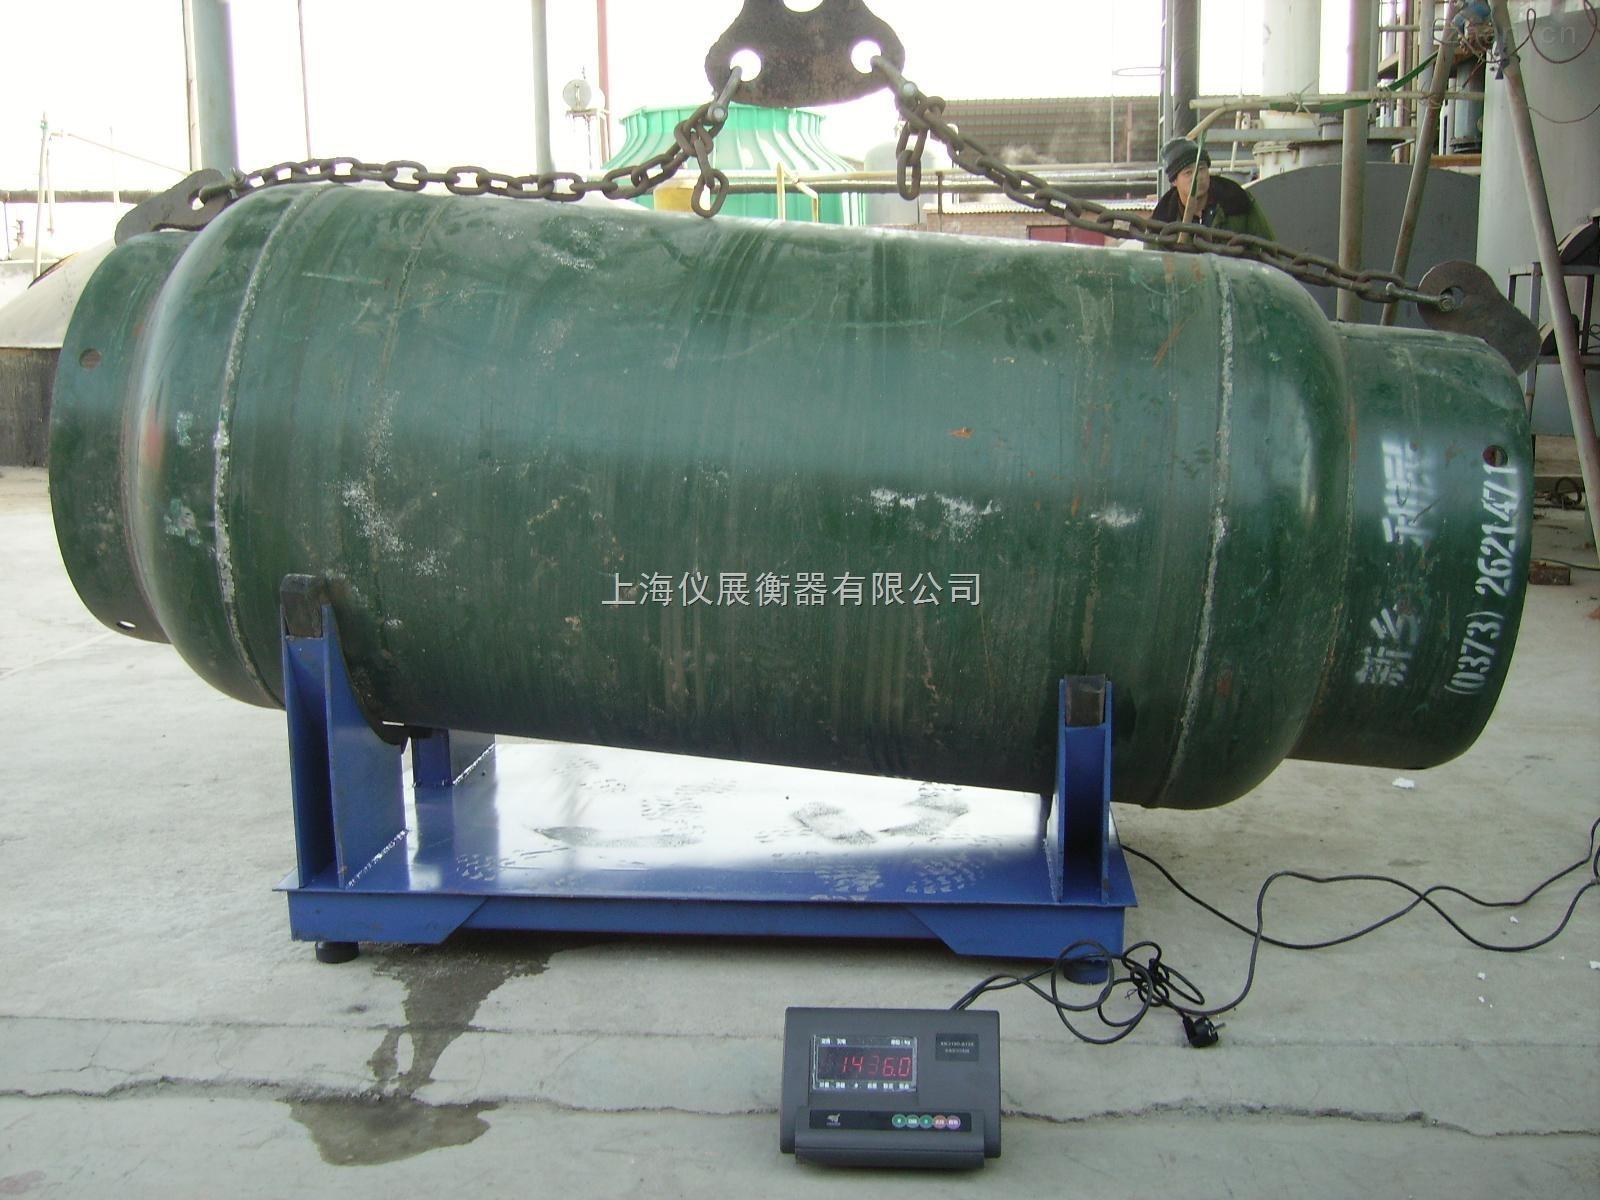 安徽1噸2噸3噸電子鋼瓶秤廠家 價格